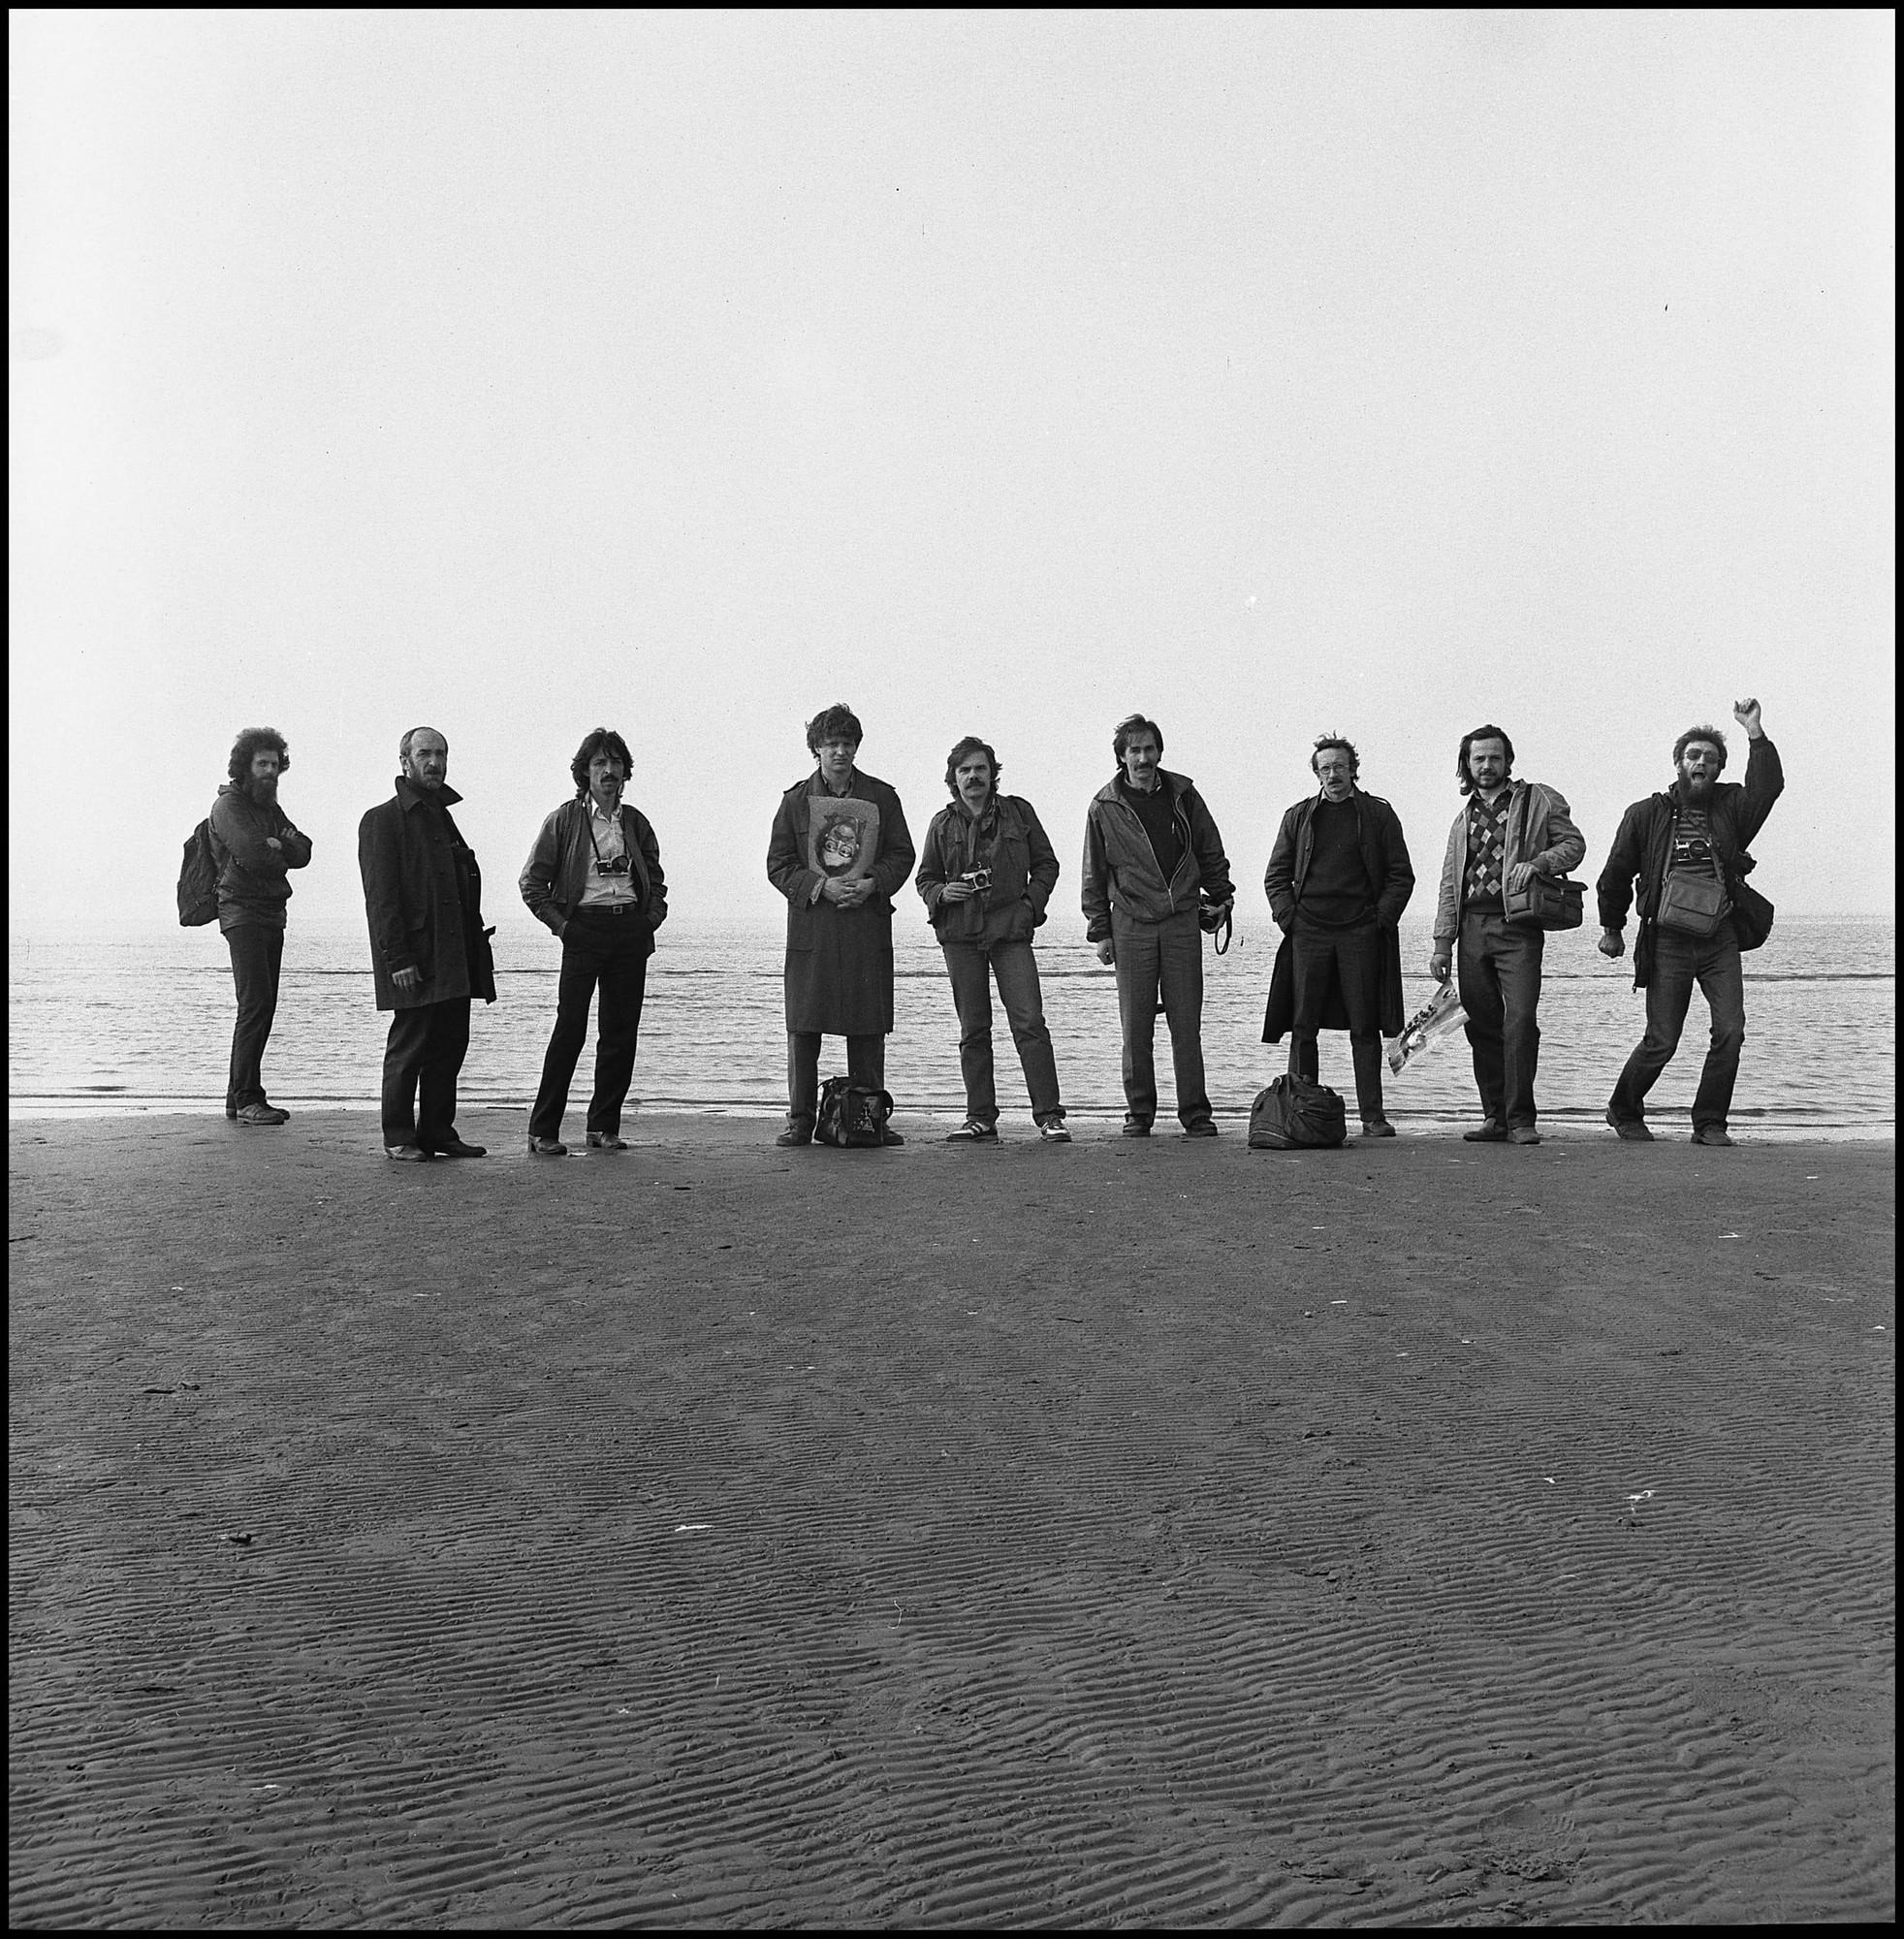 Слева направо: А. Чежин, П. Иванов, В. Капустин, А. Титаренко (с портретом Б. Михалевкина), А. Усов, С. Арсентьев, С. Королев, В. Алферов, А. Гезенцвей..